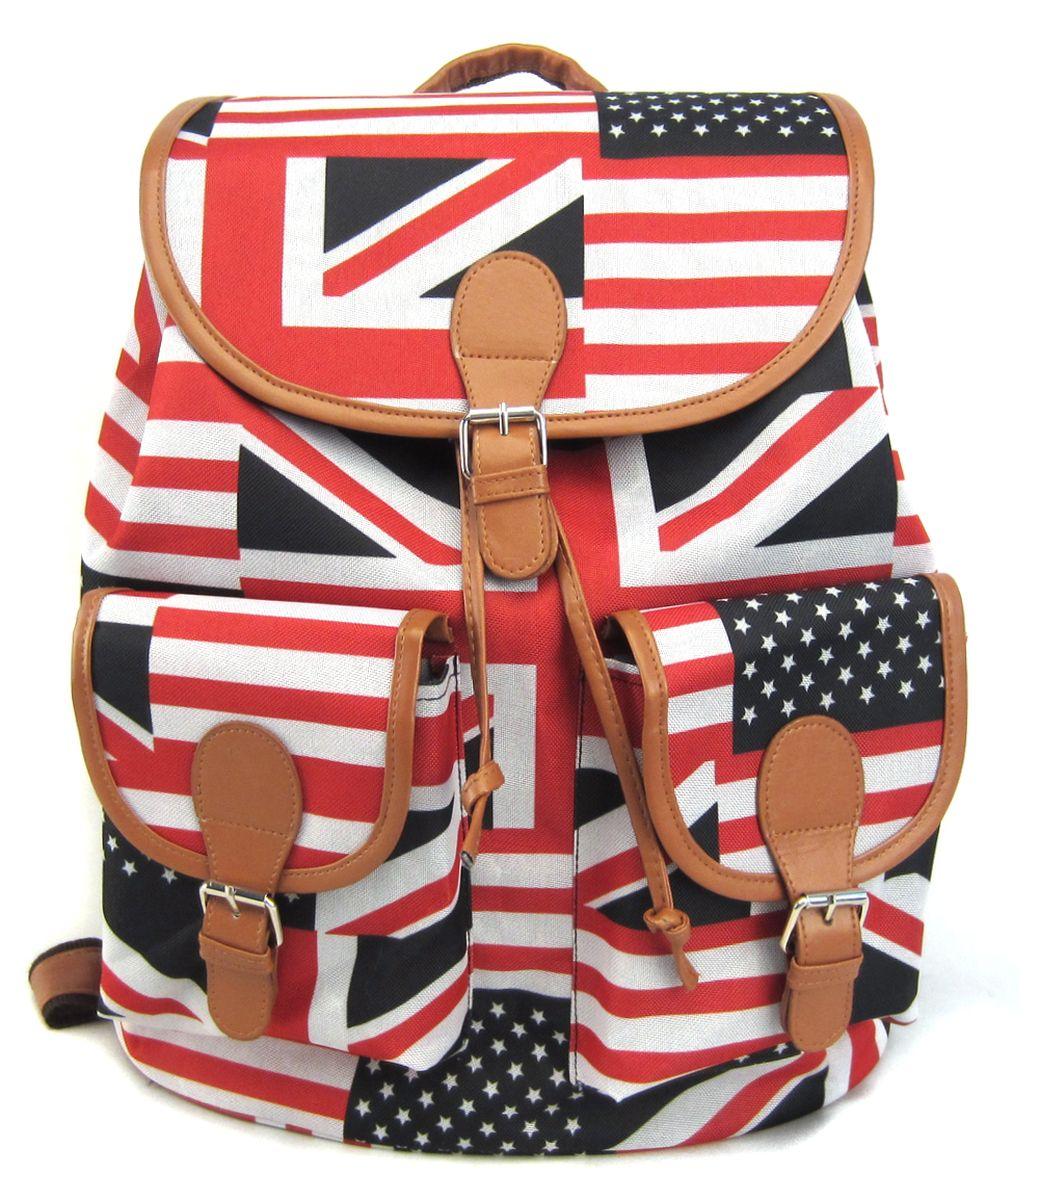 Рюкзак молодежный Creative British Flag, цвет: мультиколор, 23 лGL-BC853Рюкзак молодежный Creative American Flag - лаконичная и очень удобная модель, в которую поместится все: школьные принадлежности и завтрак, спортивная форма, любимые игрушки, ноутбук. Подвесная система позволяет регулировать лямки и тем самым адаптировать изделие под рост владельца. Мягкие лямки обеспечат комфорт даже при длительном ношении рюкзака. Внутреннее пространство рюкзака вместит всё необходимое. Благодаря текстильной ручке рюкзак можно повесить. Выполнен рюкзак из влагостойкой ткани. Этот рюкзак - точно выделит своего владельца из толпы и привлечет к нему множество заинтересованных взглядов.